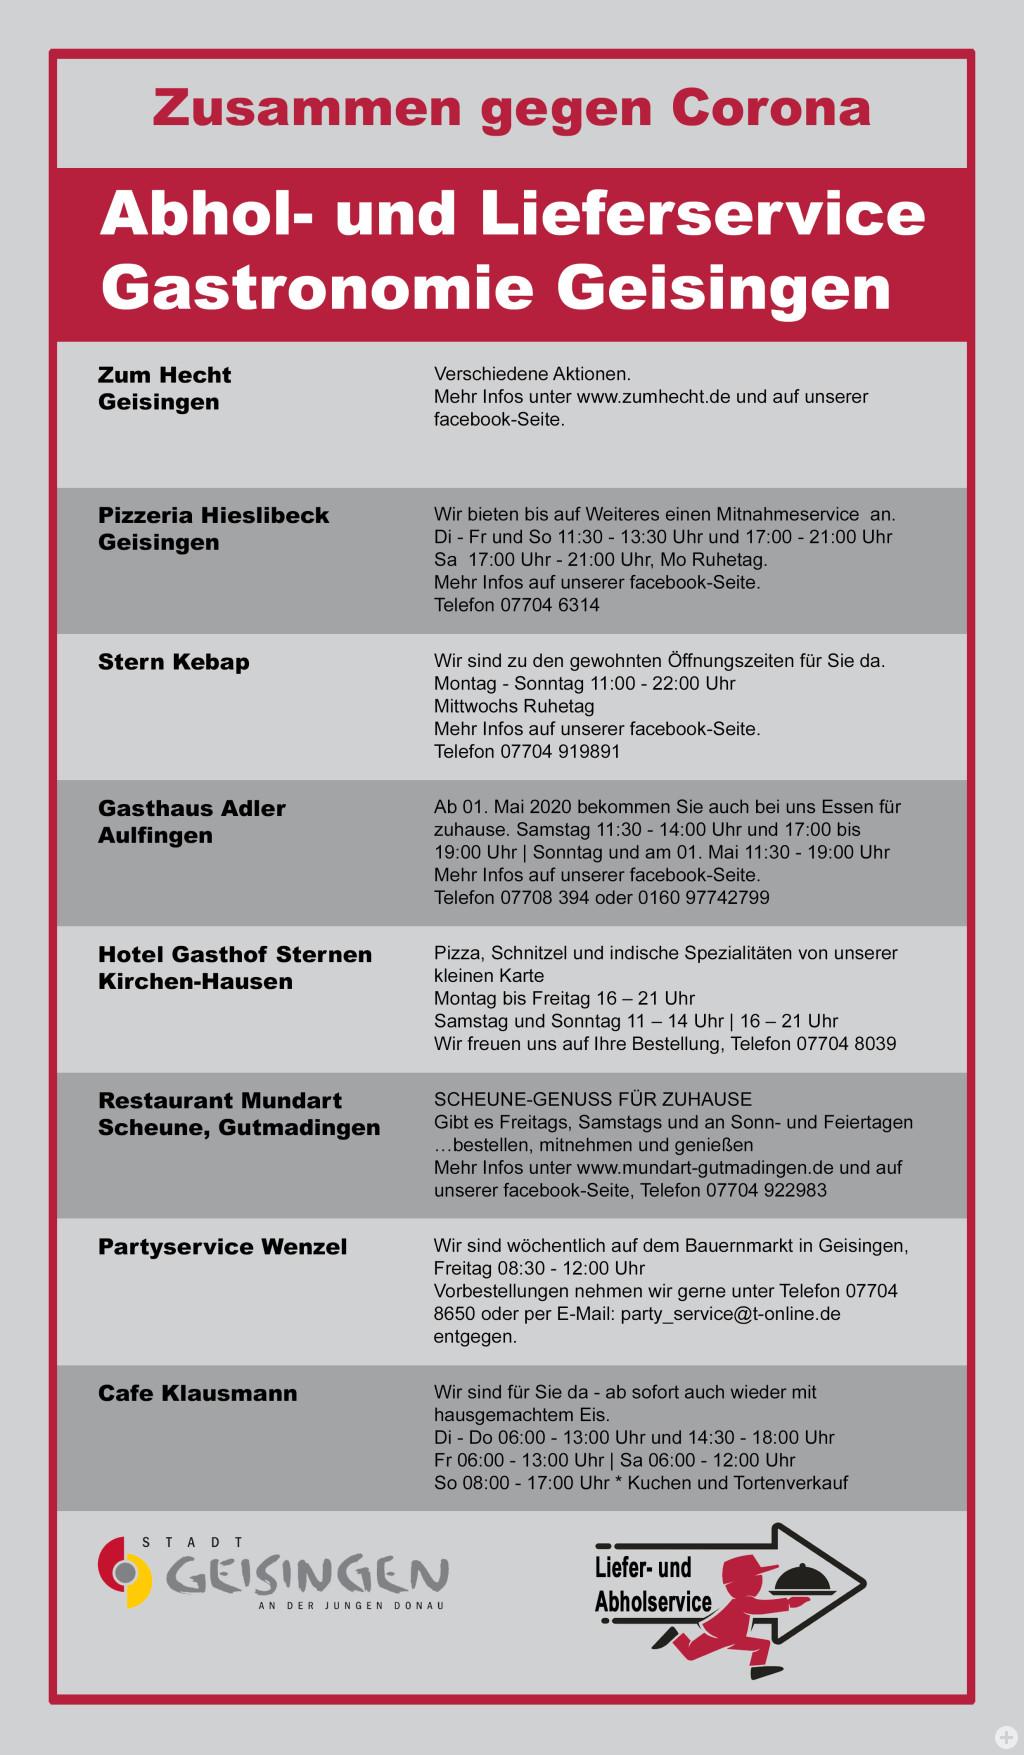 Flyer Abhol- und Lieferservice Gastronomie Geisingen